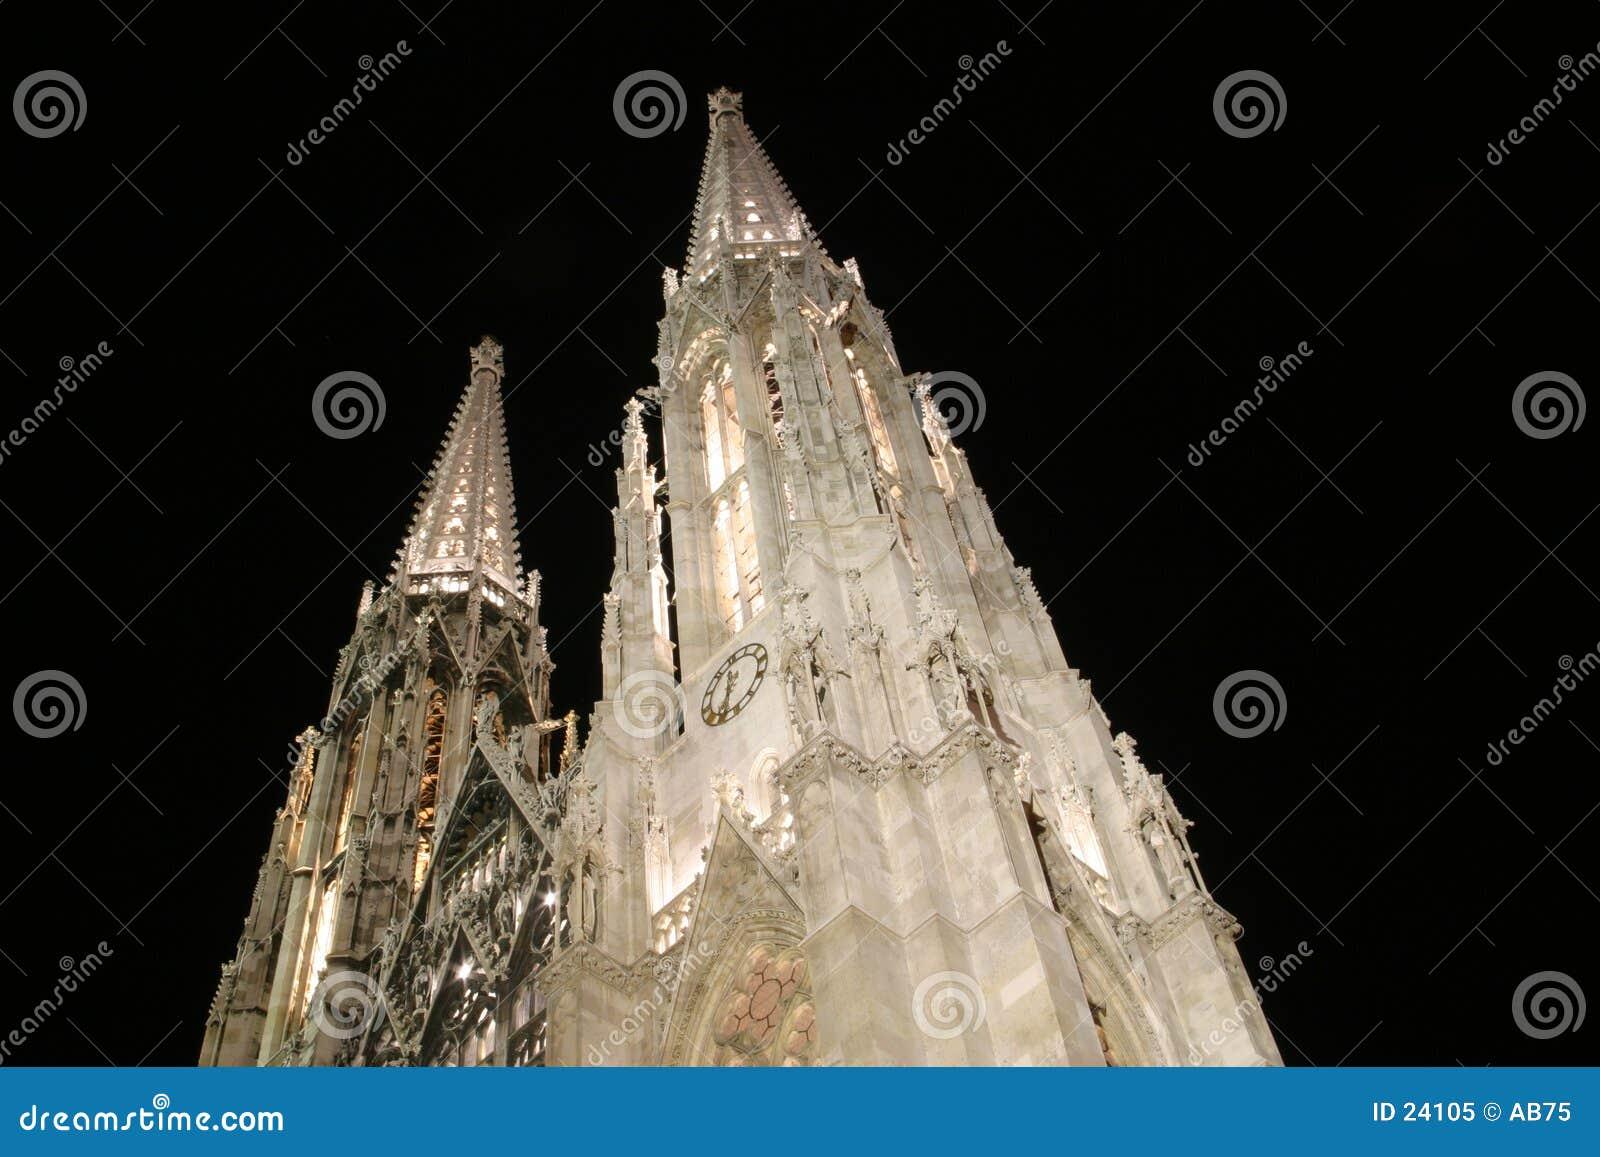 Église à Vienne - Votiv Kirche